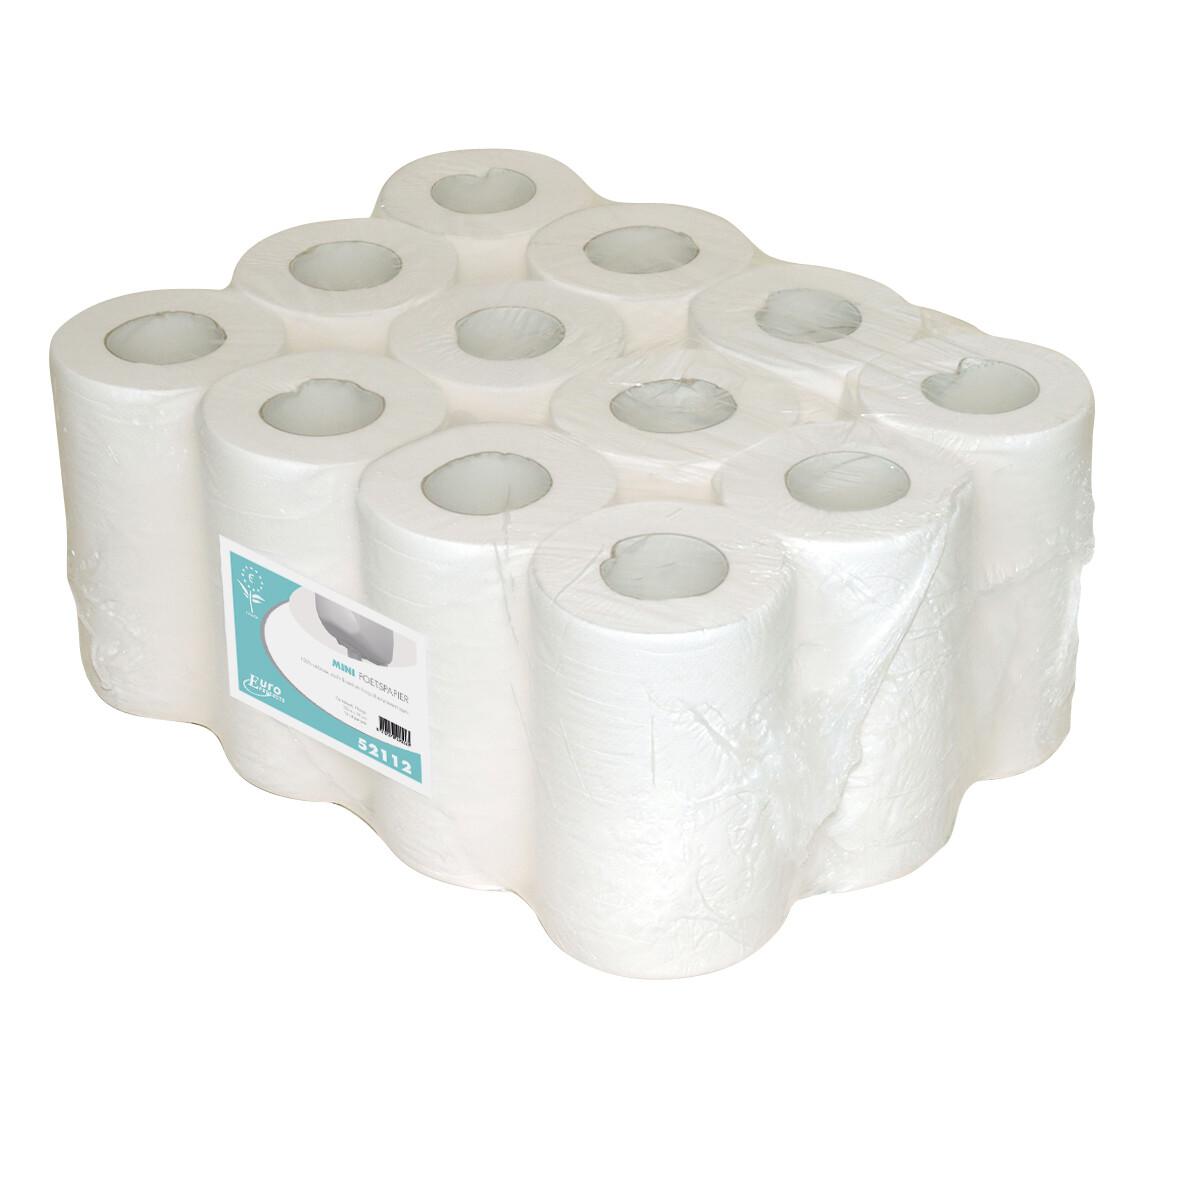 P52112 Euro cellulose met koker, verpakt per 12 rollen